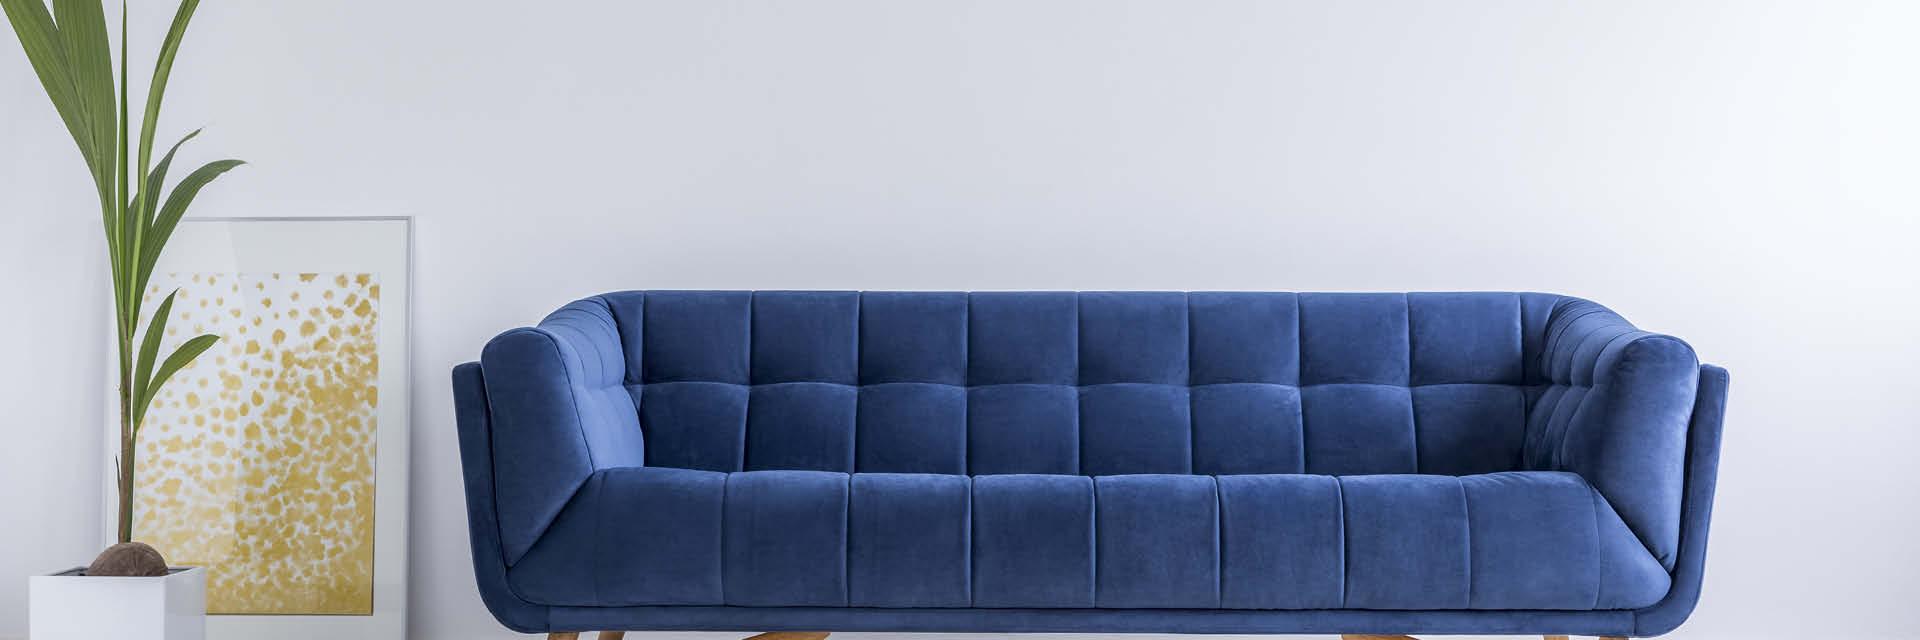 Zeit für ein neues Sofa!